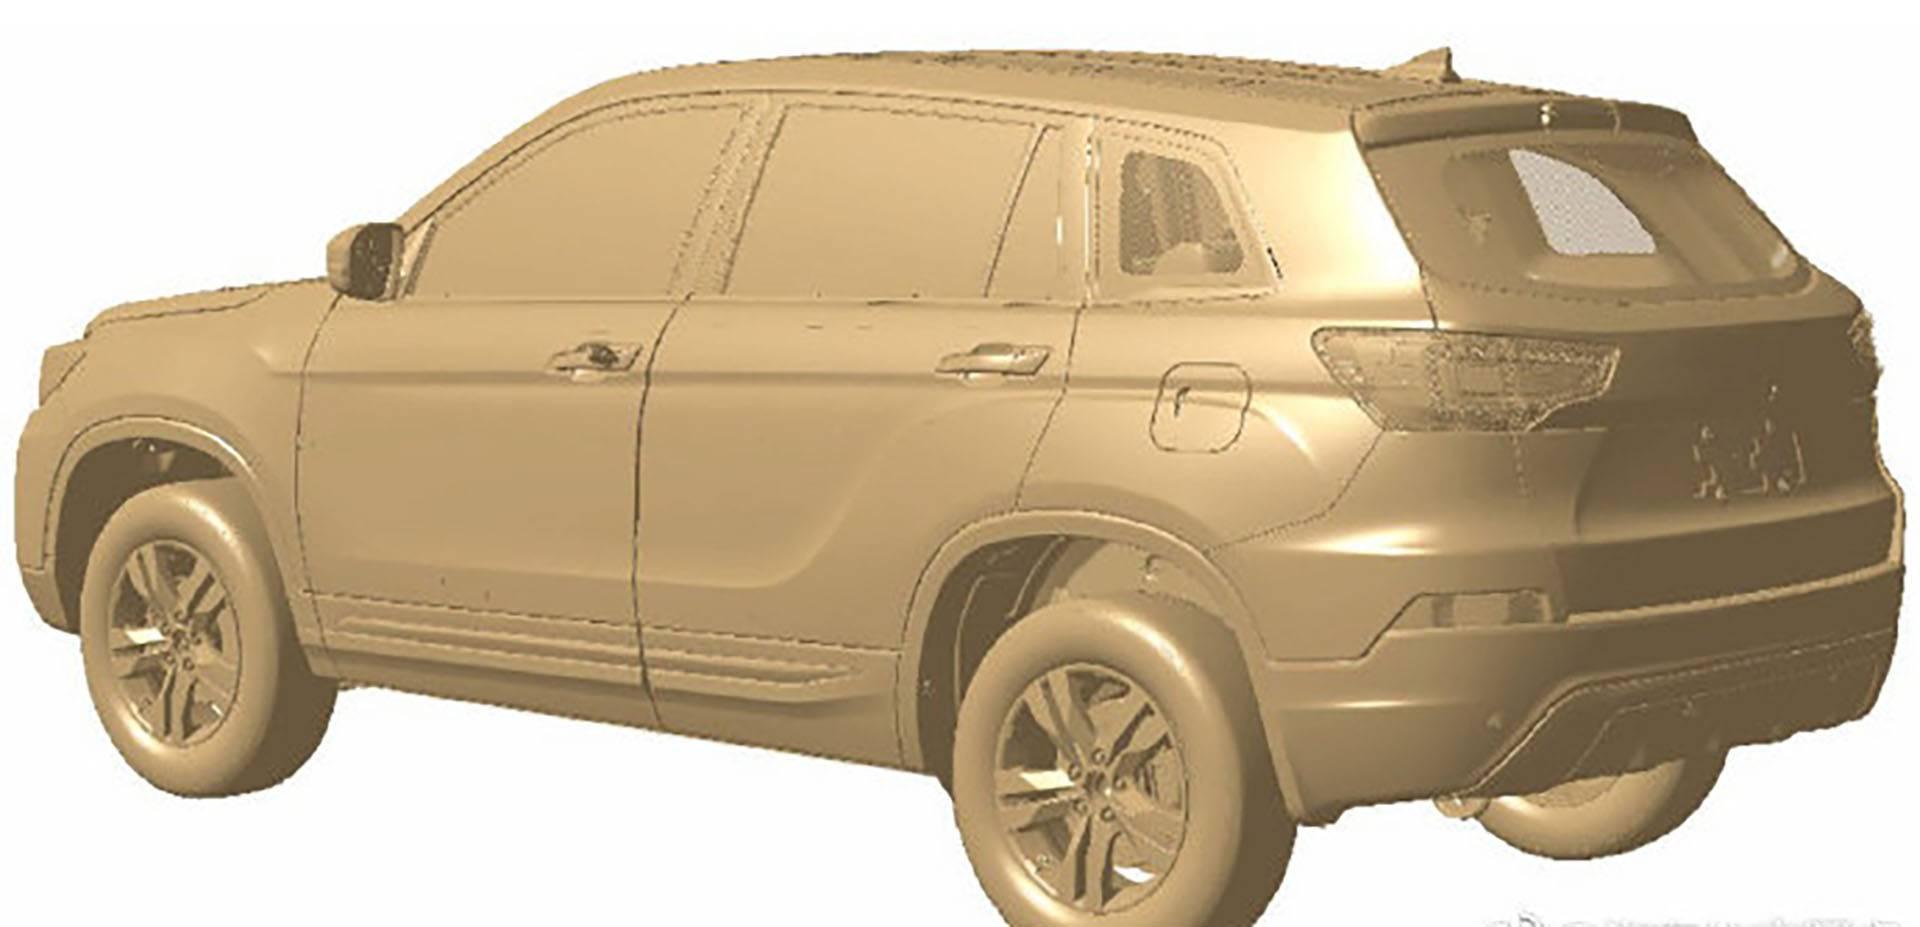 博郡汽车首款车型专利图曝光 定位5座纯电动SUV